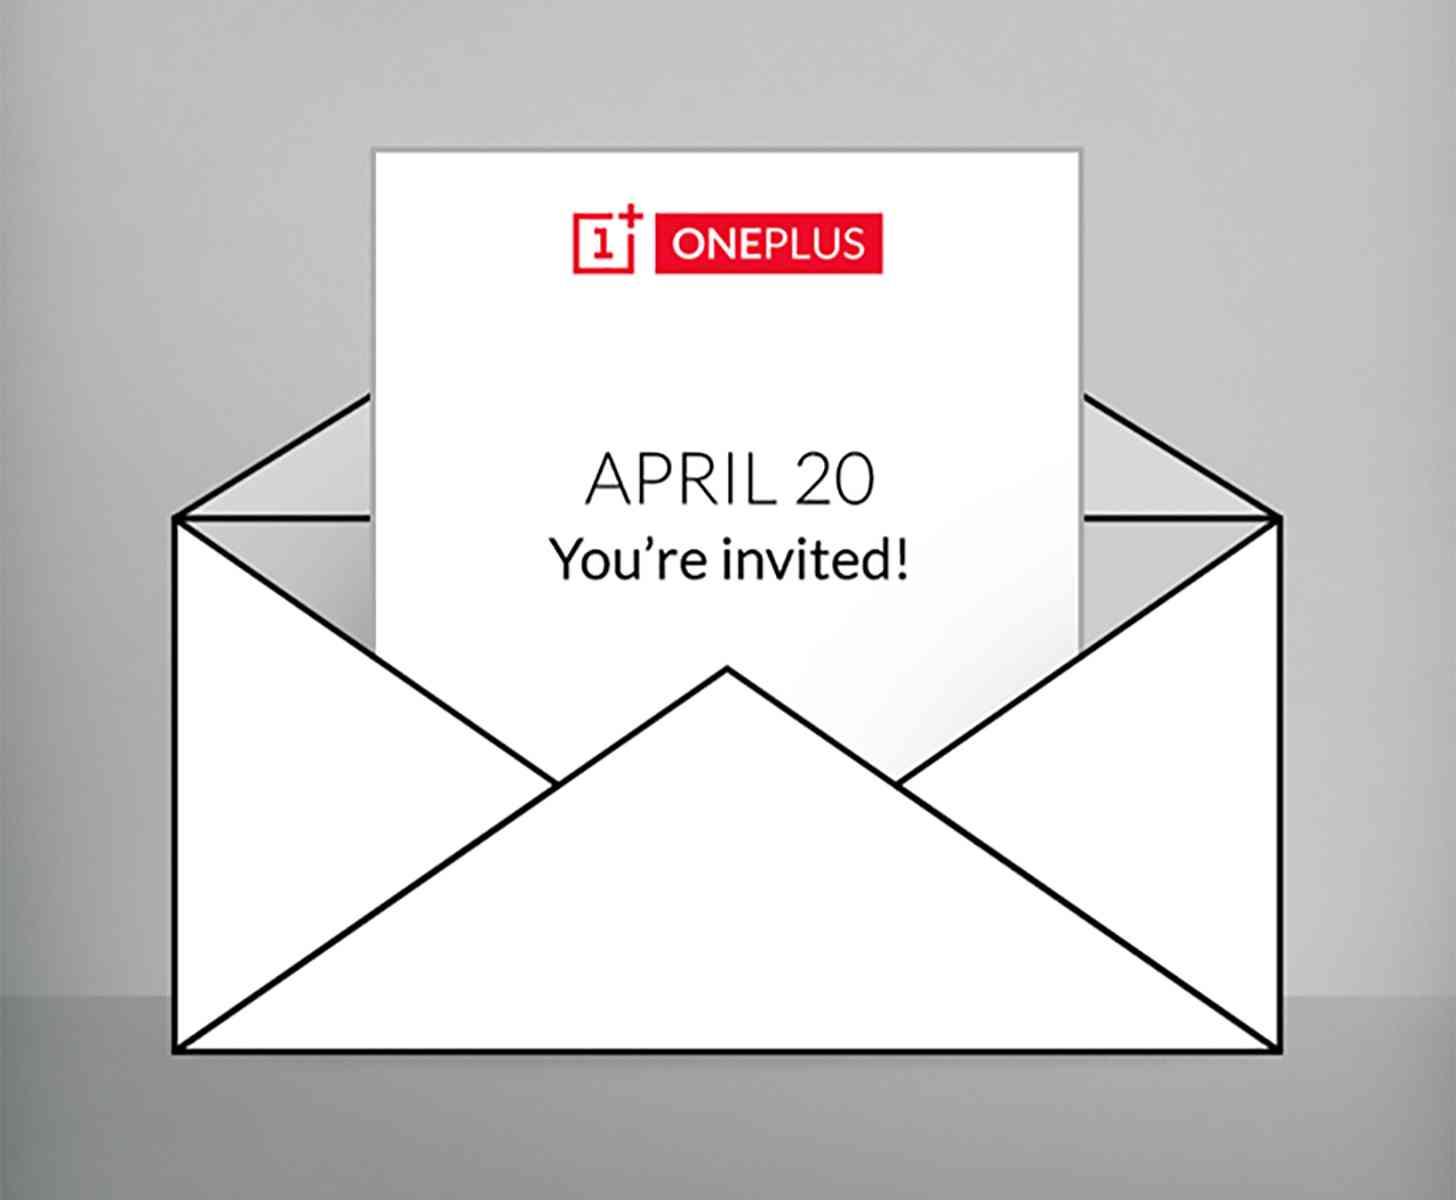 OnePlus April 20 announcement invitation